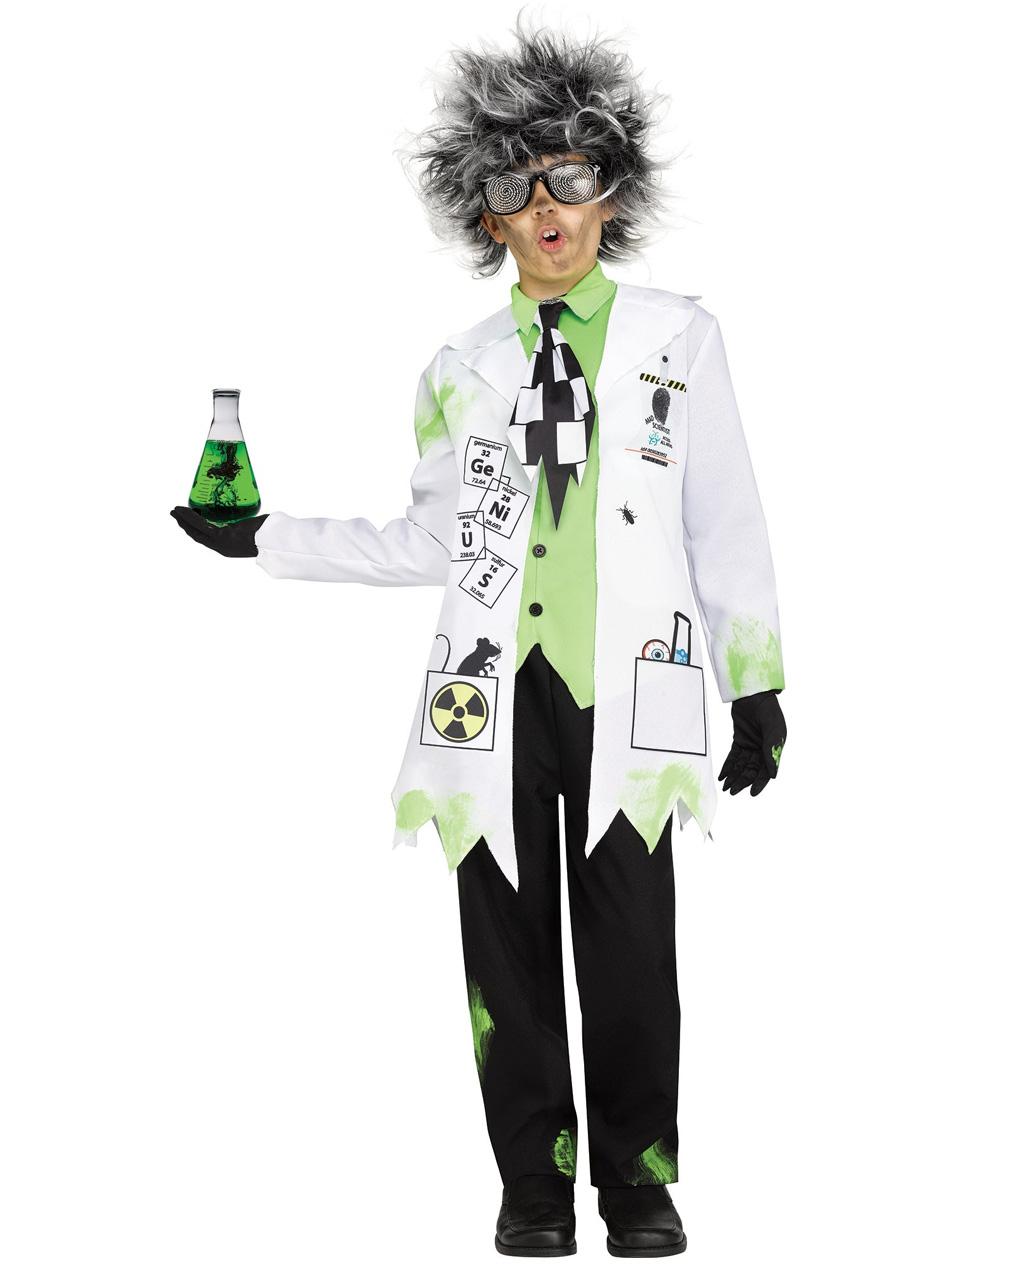 add11063e Crazy professor kids costume for Halloween | horror-shop.com